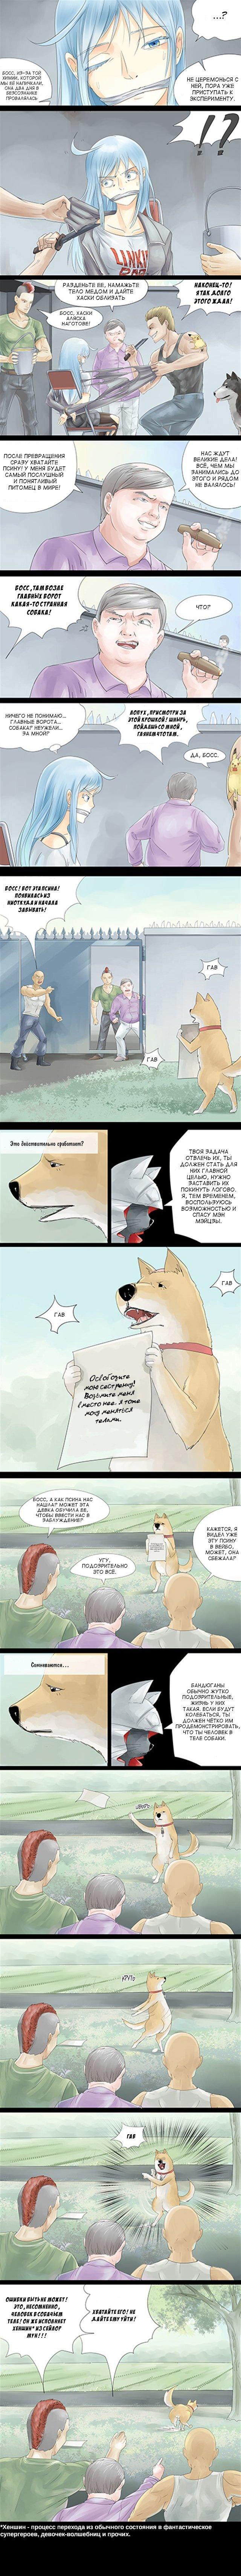 Манга Собакен - Глава 13 Страница 1